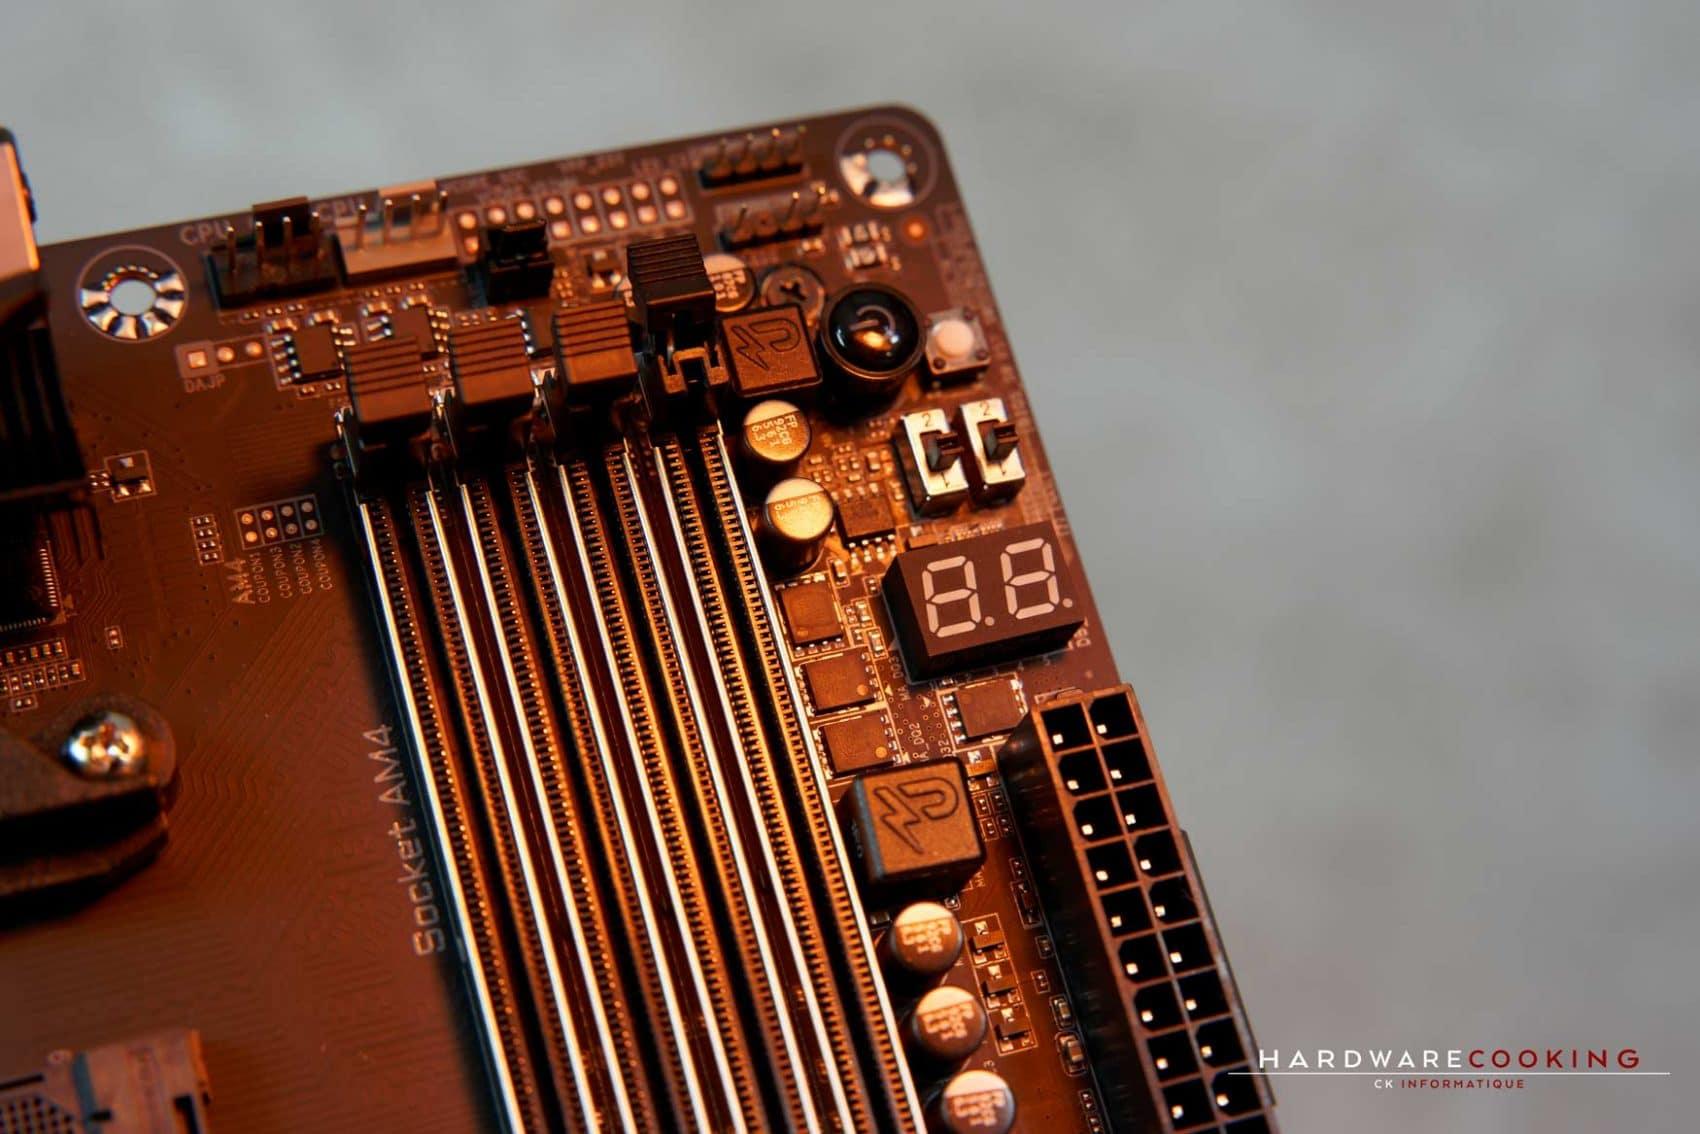 Shooting photo : X570 AORUS MASTER - HardwareCooking